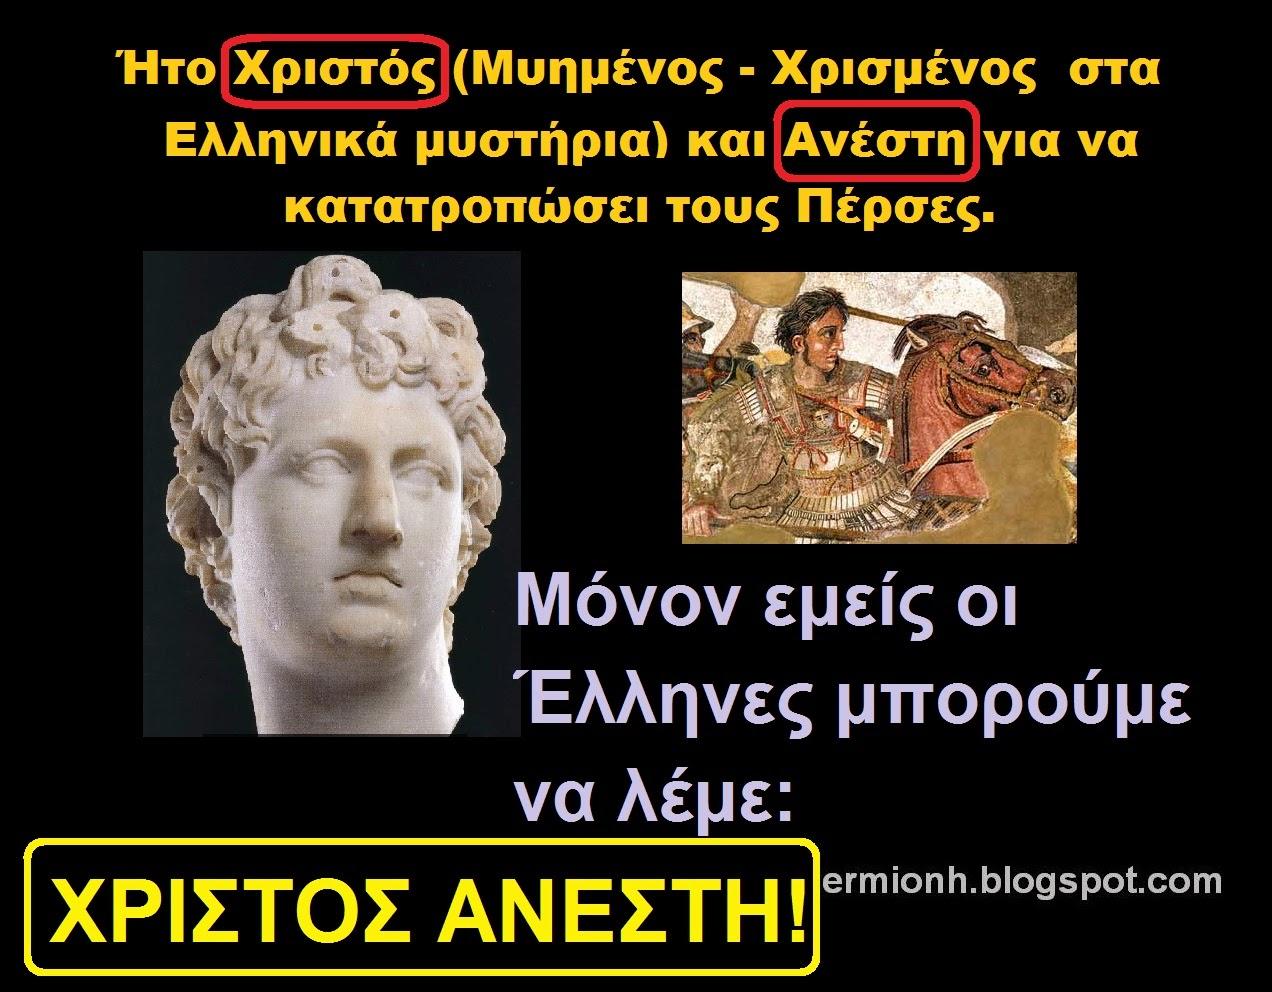 Μόνο εμείς οι Έλληνες μπορούμε να λέμε: ΧΡΙΣΤΌς ΑΝΕΣΤΗ.